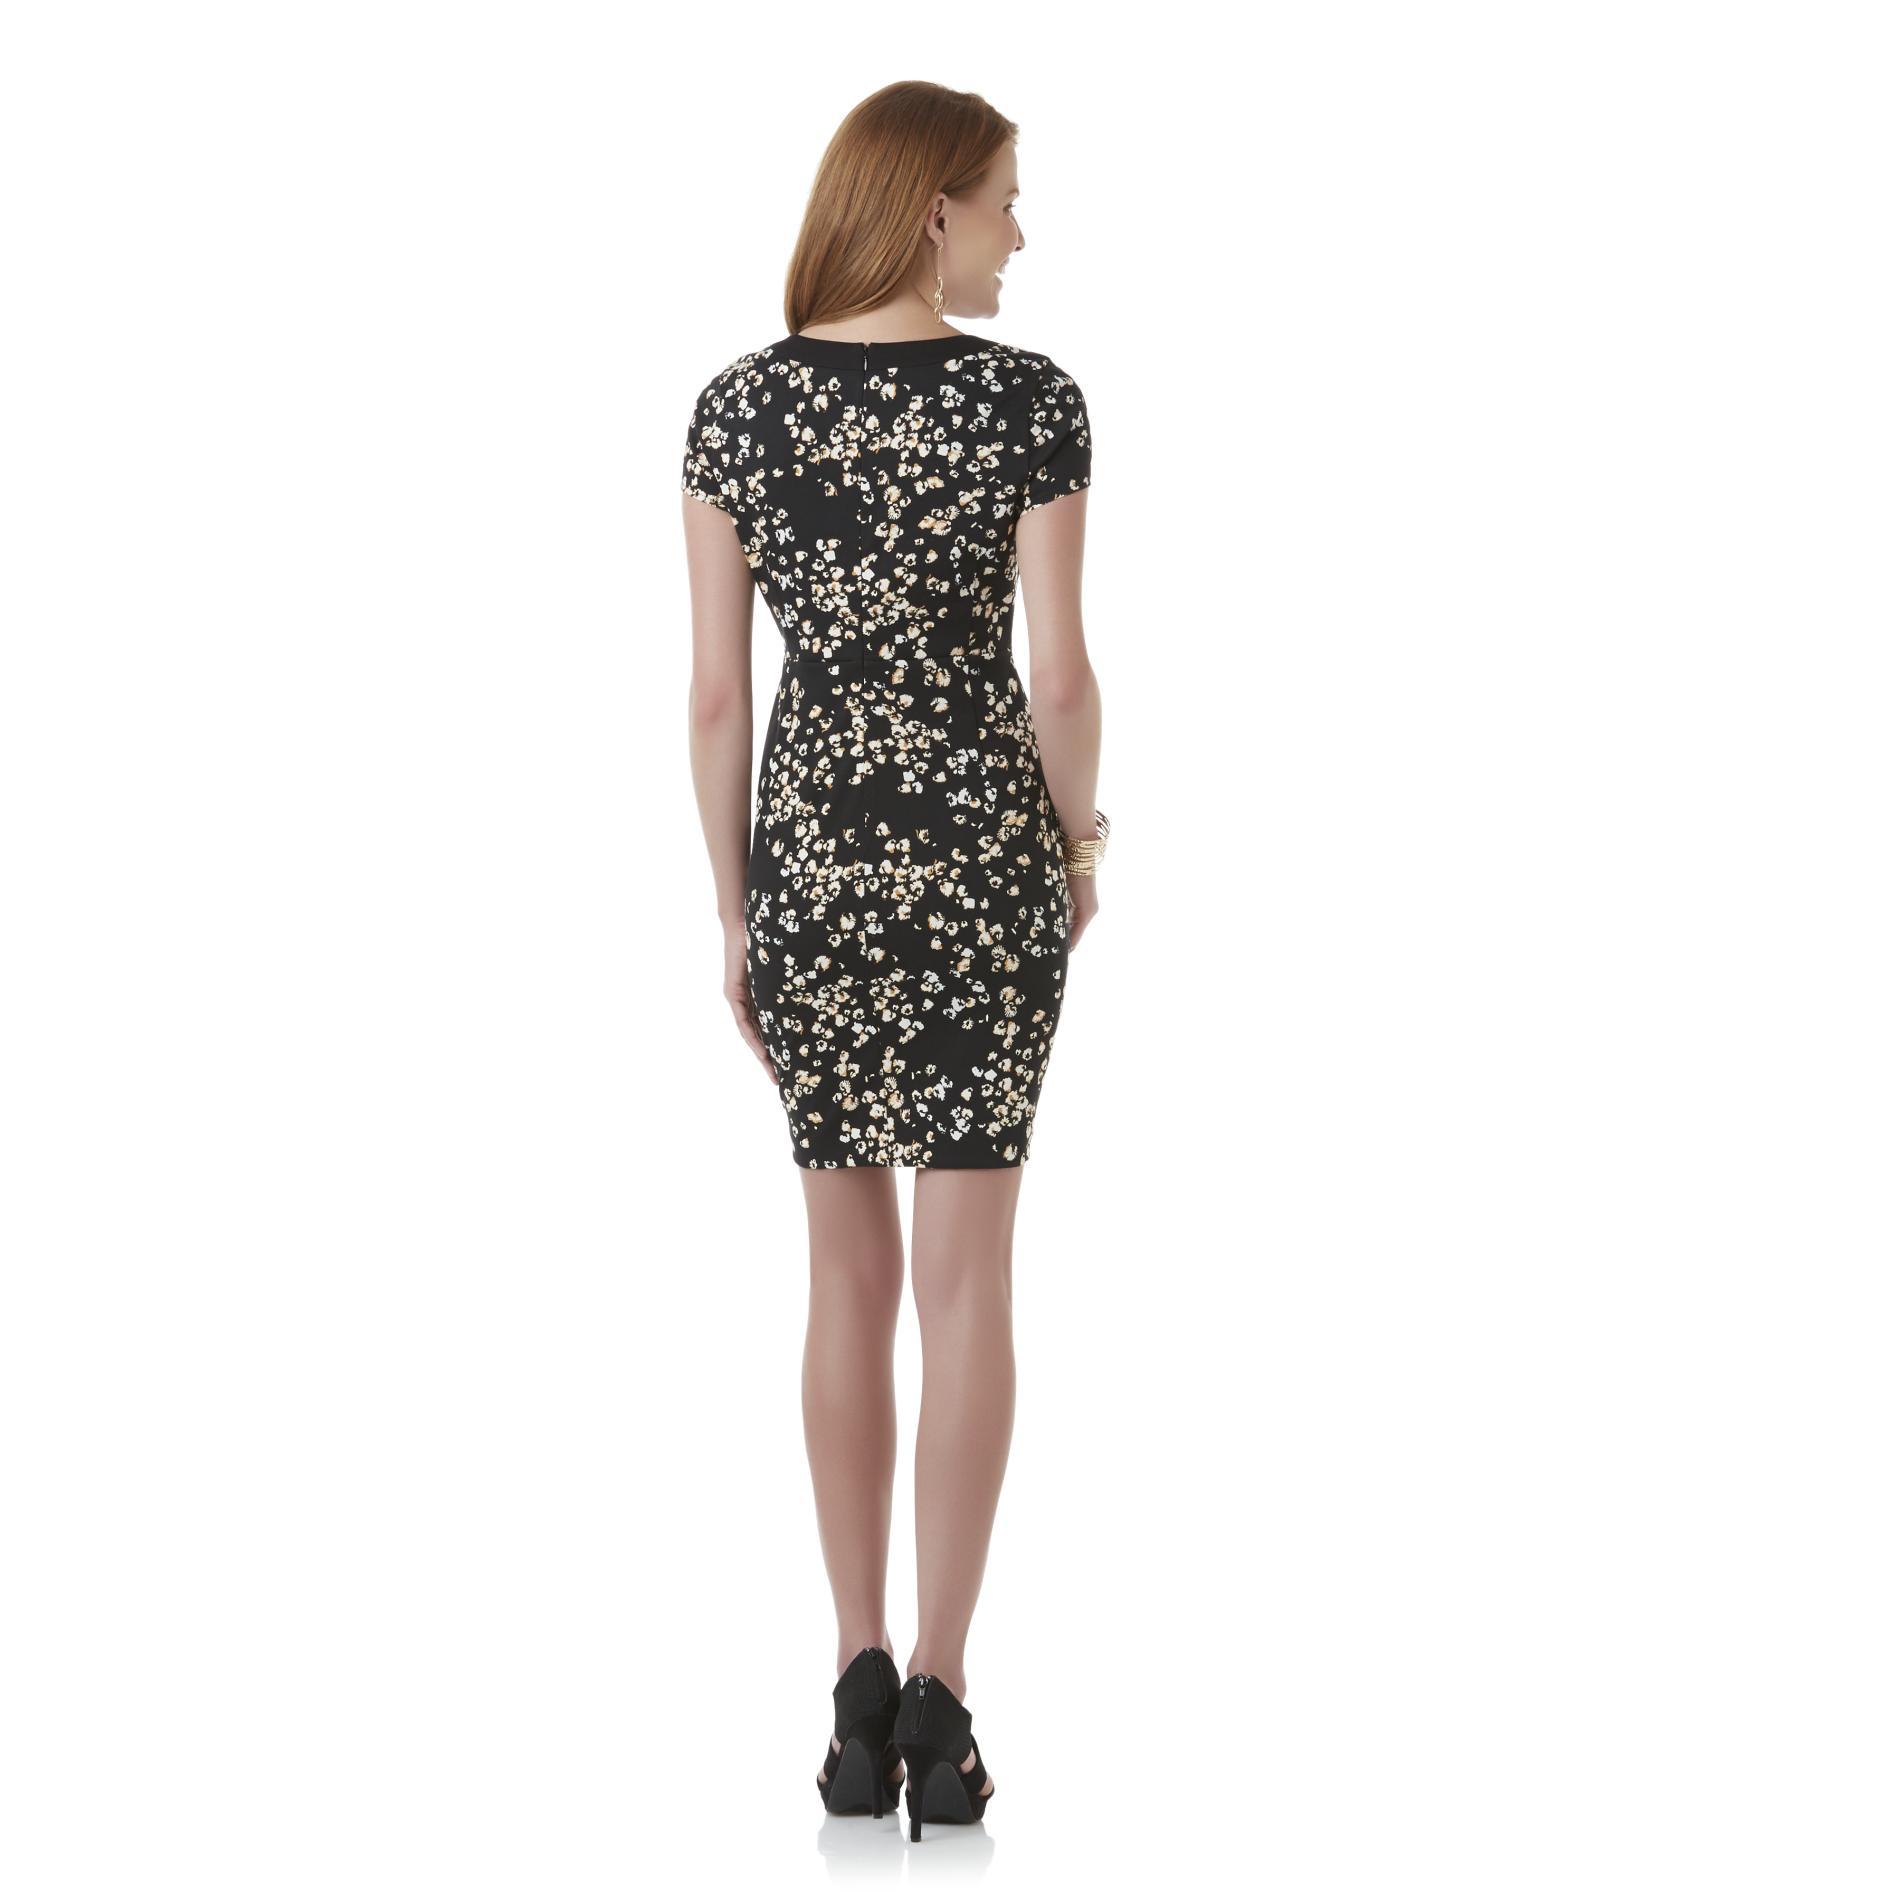 Covington Women's A-Line Dress - Floral